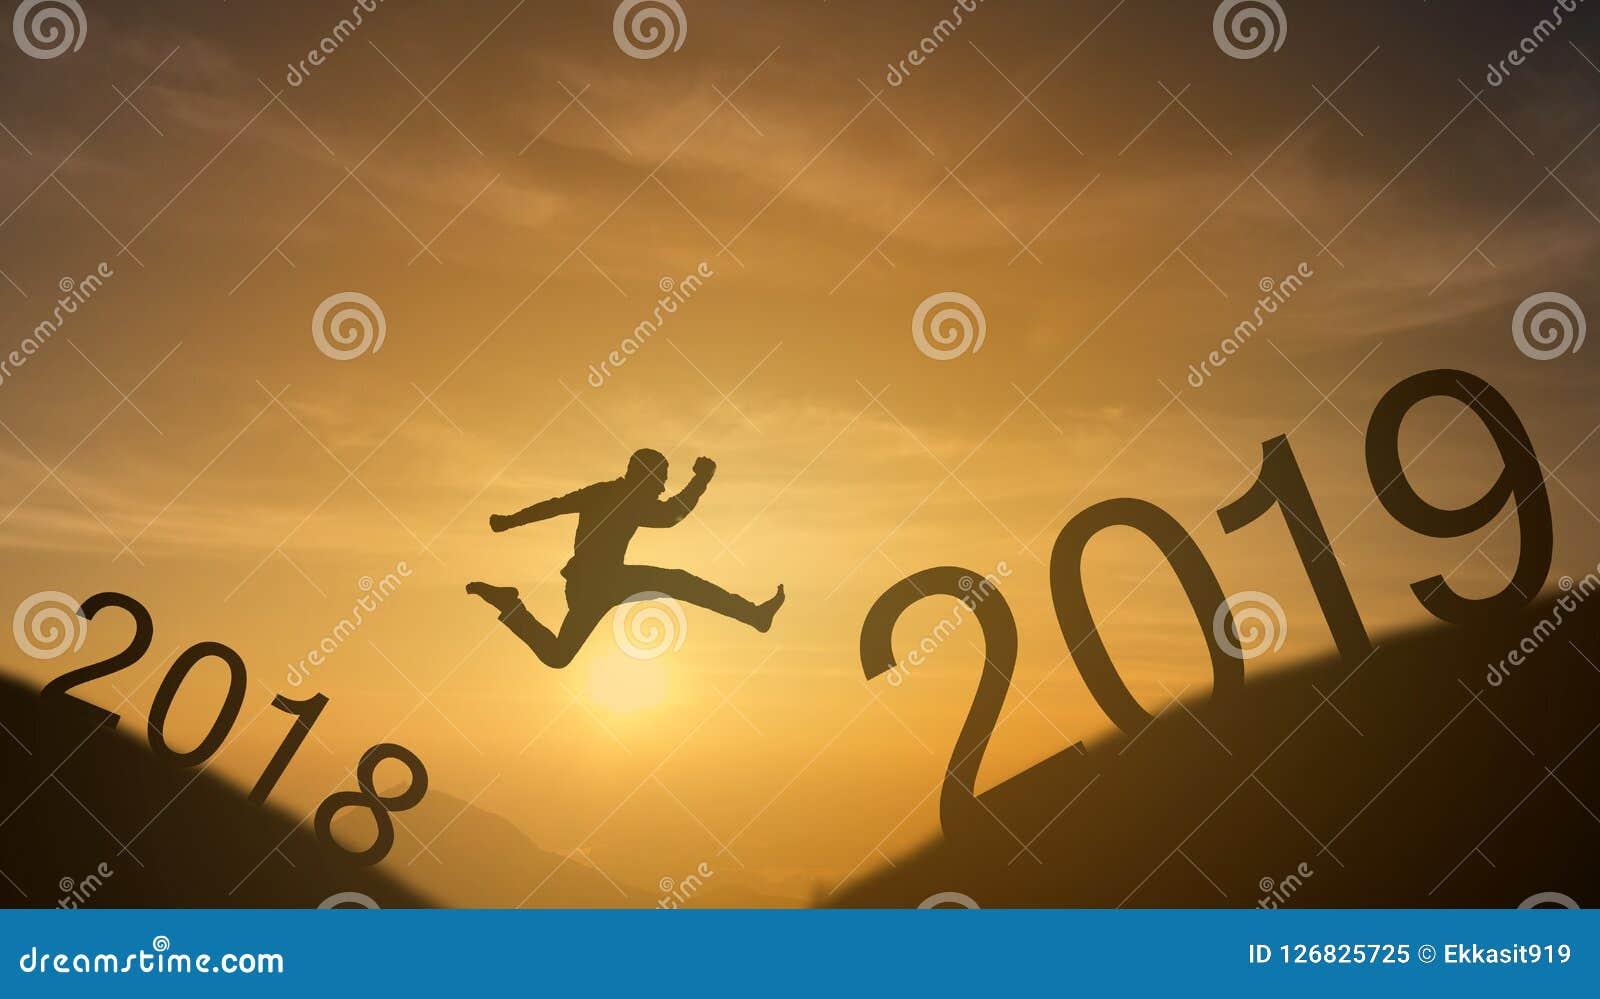 勇敢的人成功的概念,跳过太阳的剪影人在山的空白之间从2018年到2019个新年,它感受